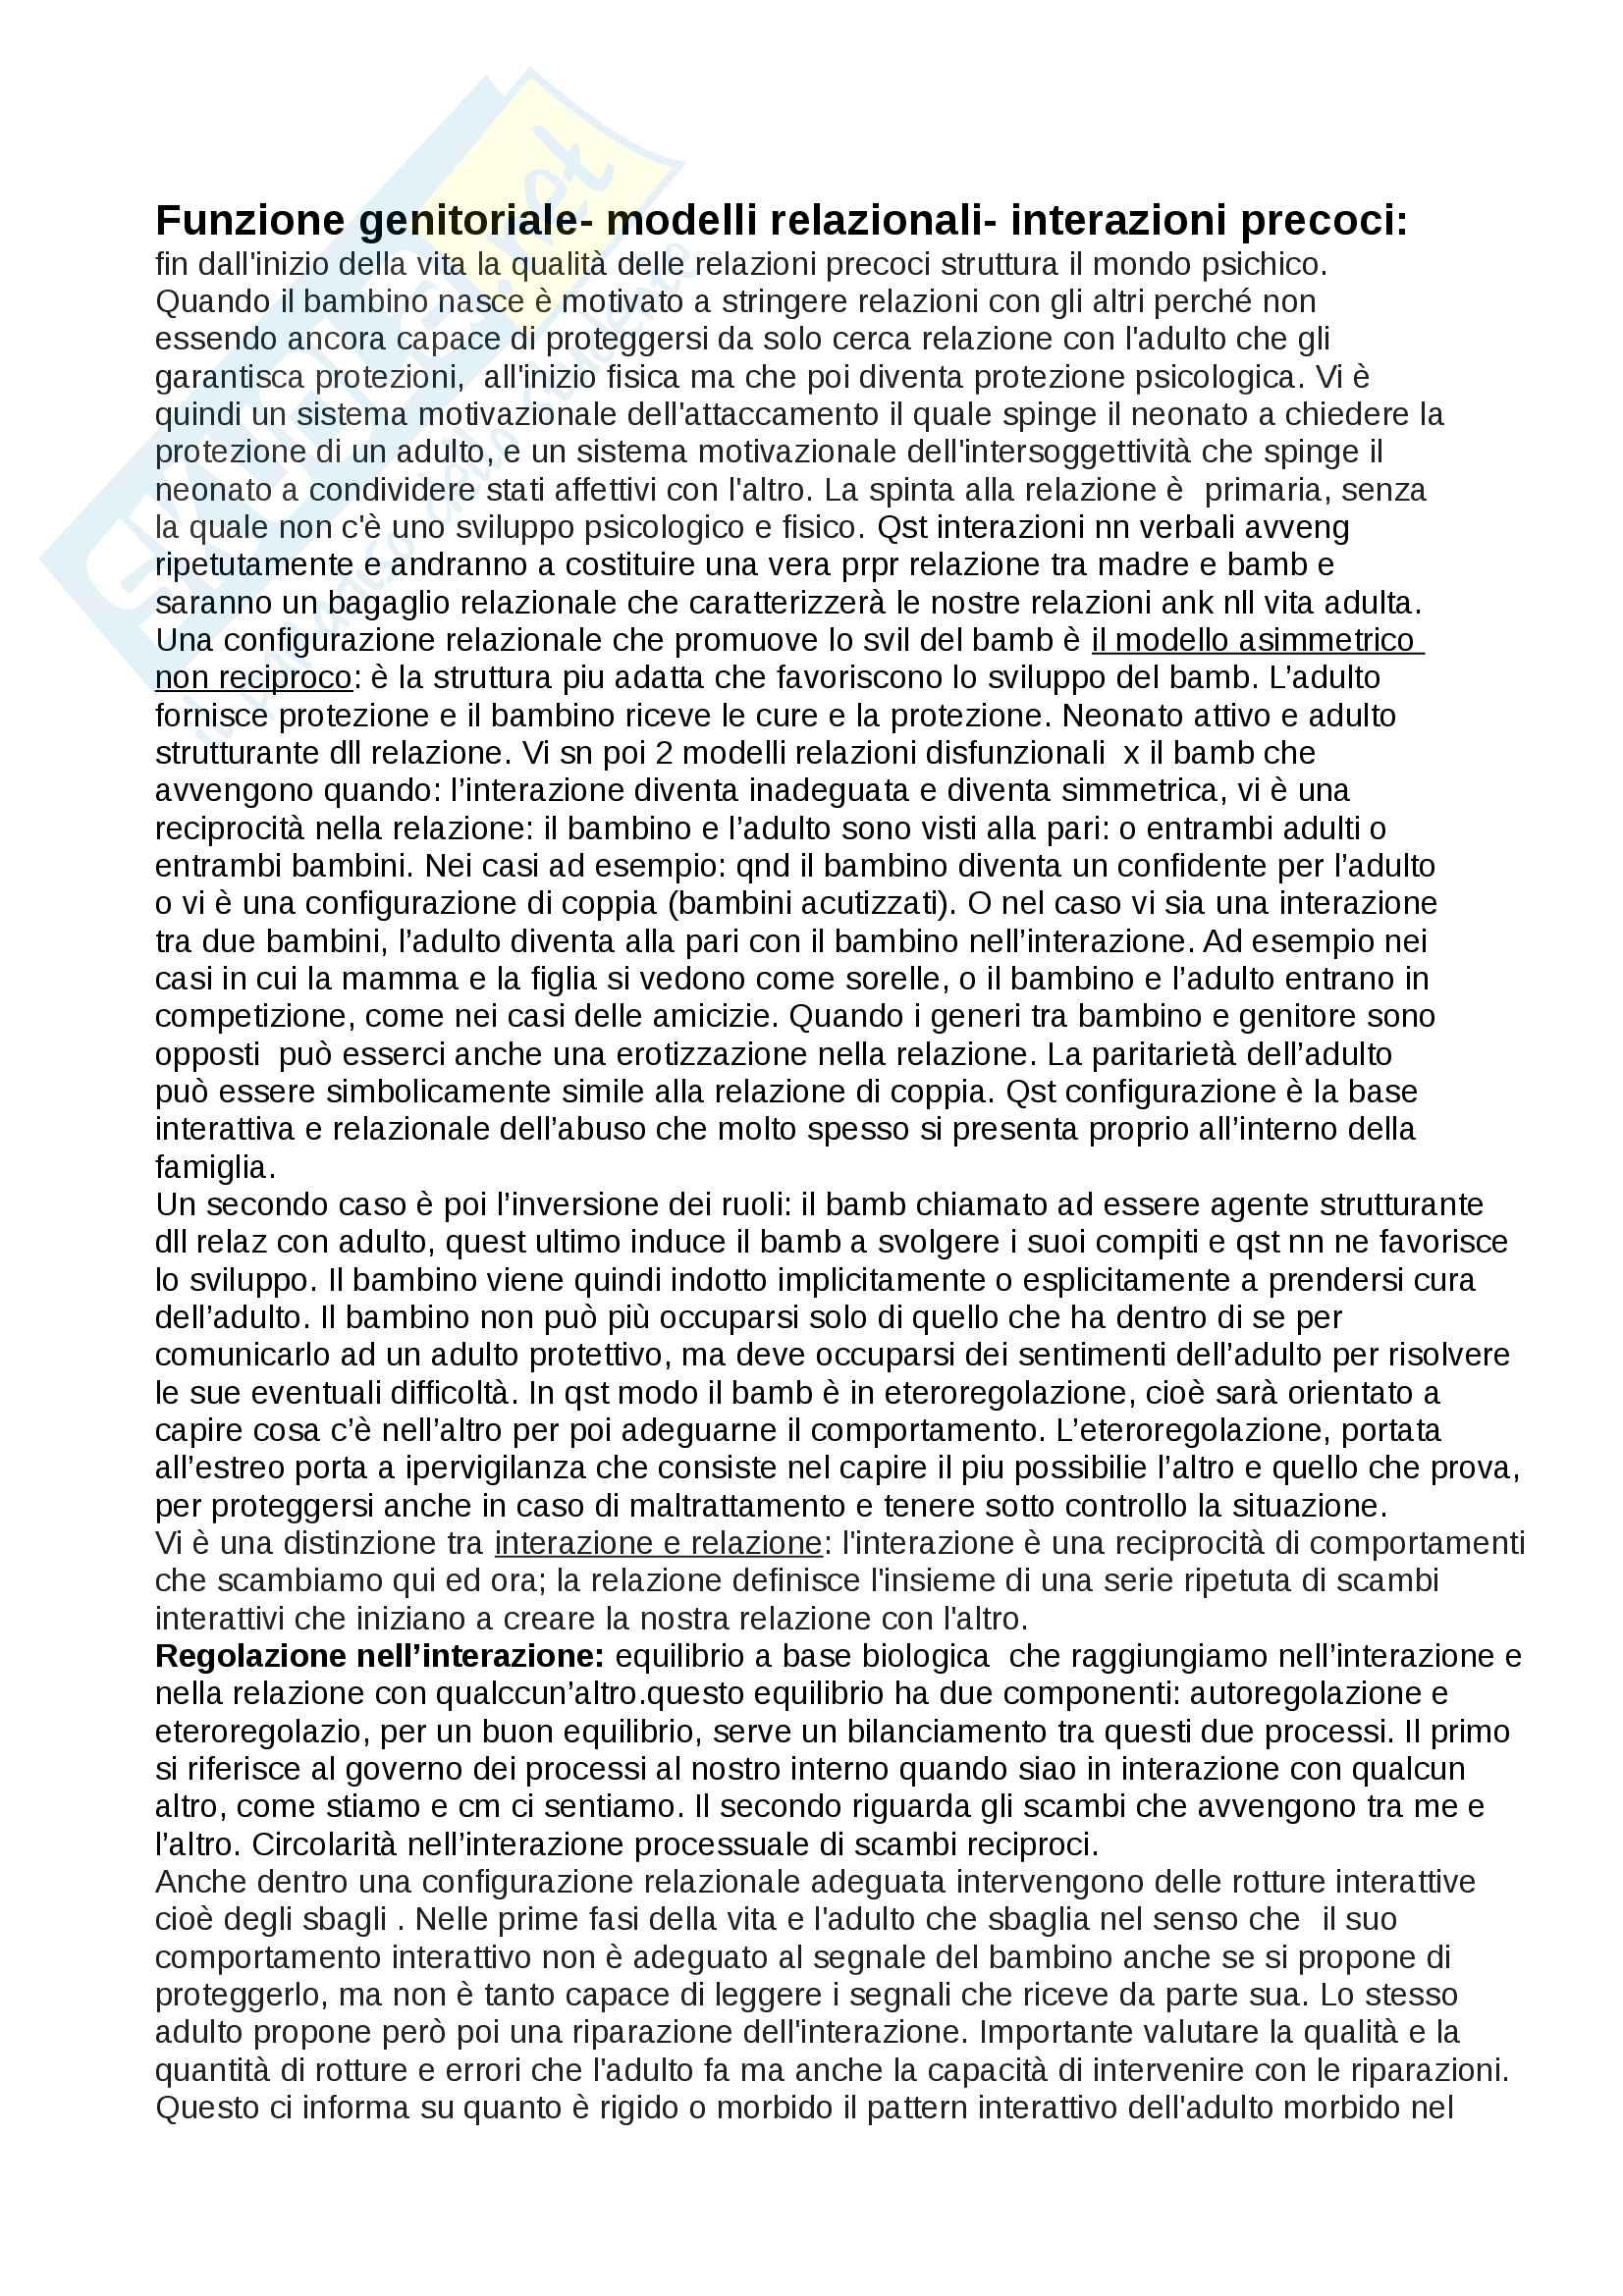 Psicopatologia prof. Simonelli magistrale